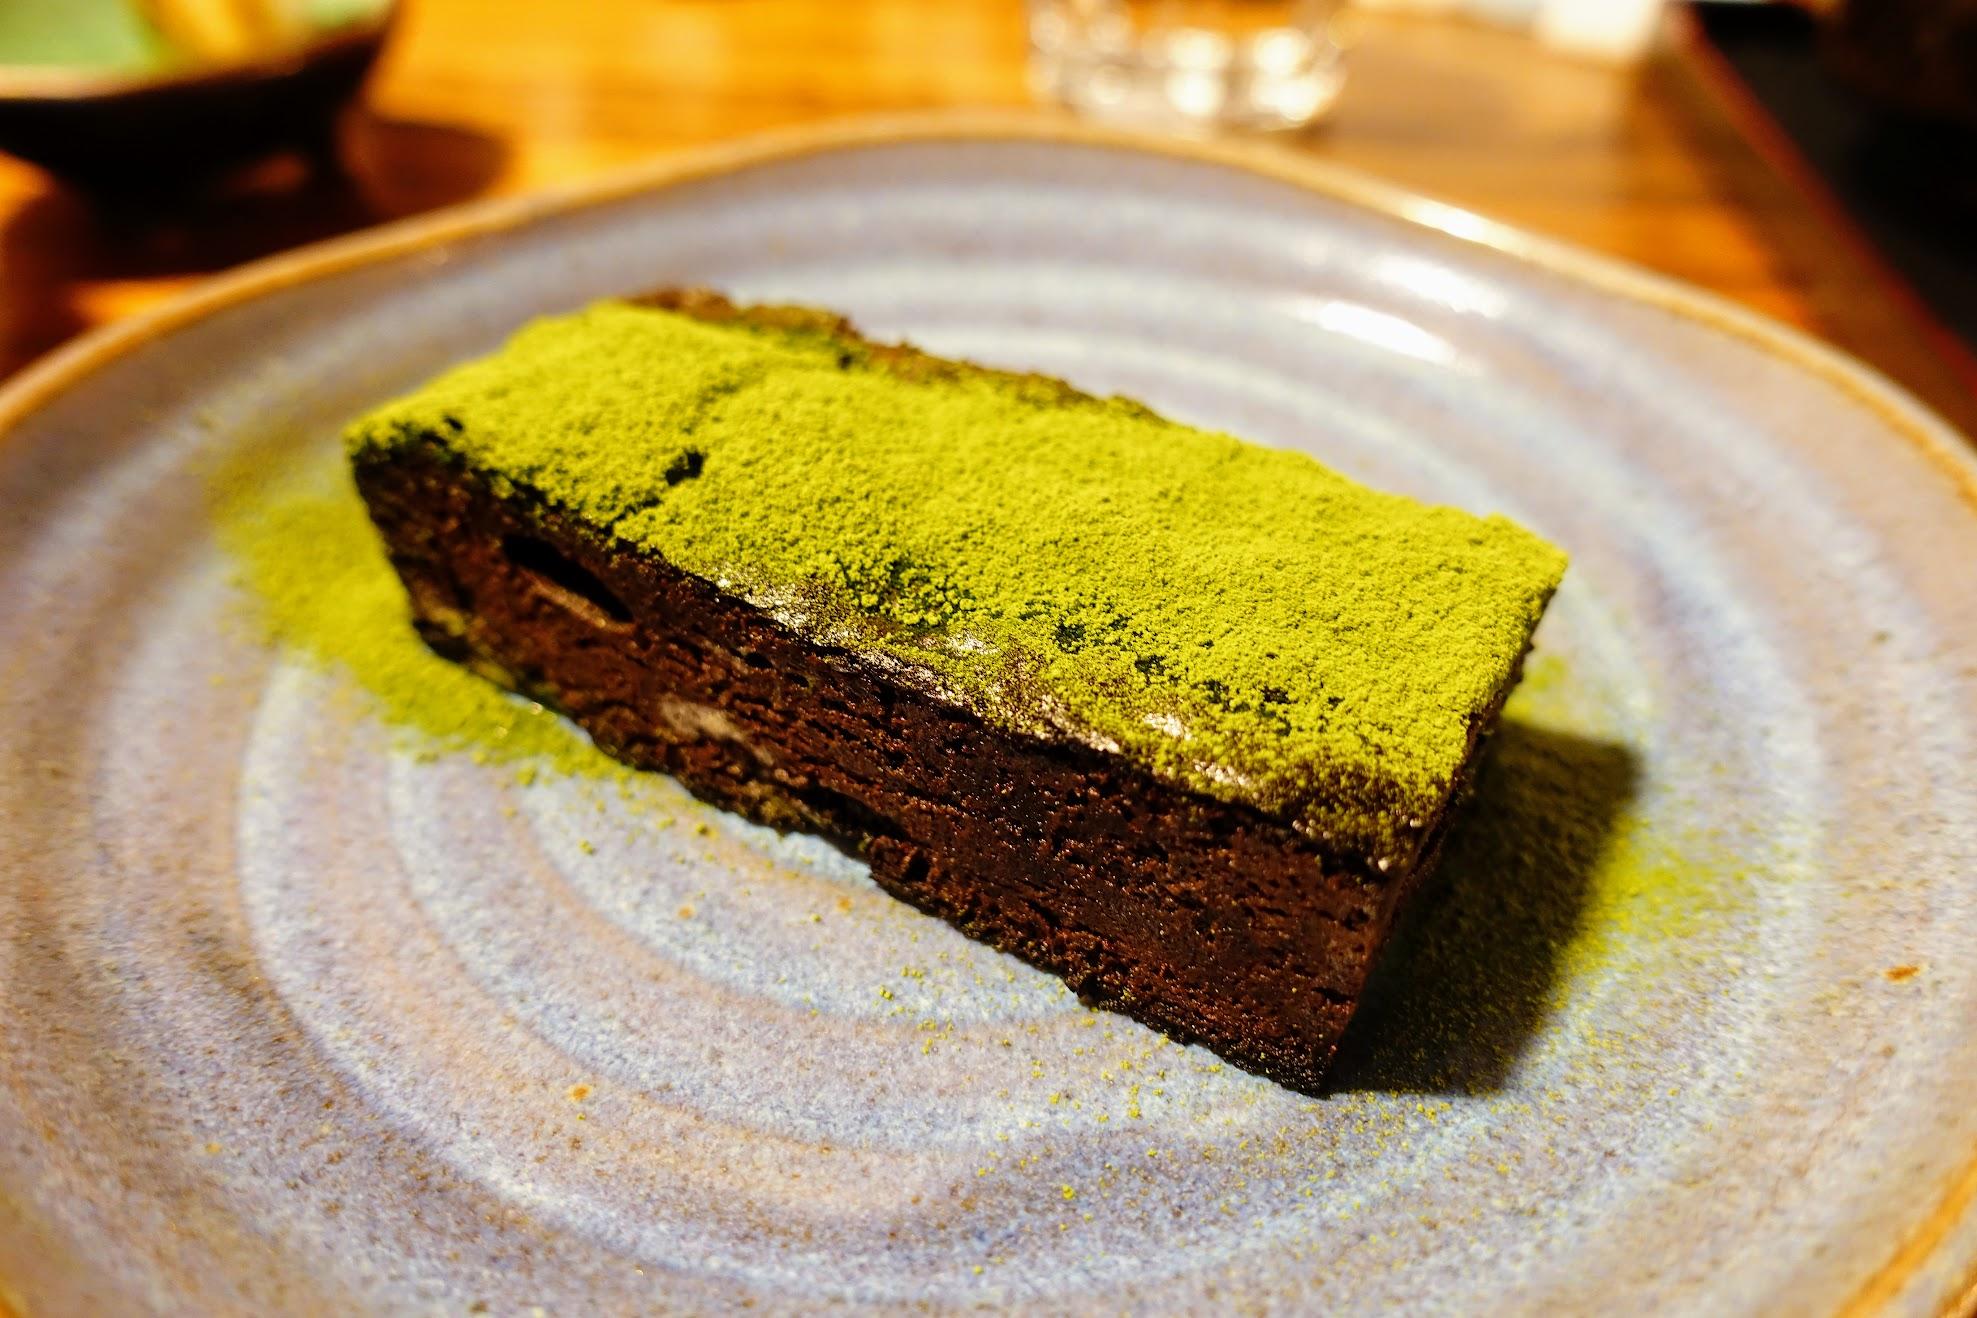 濃情巧克力蛋糕,是有熱度的布朗尼,跟前面幾個相比,這個是甜度較高的一個蛋糕啊